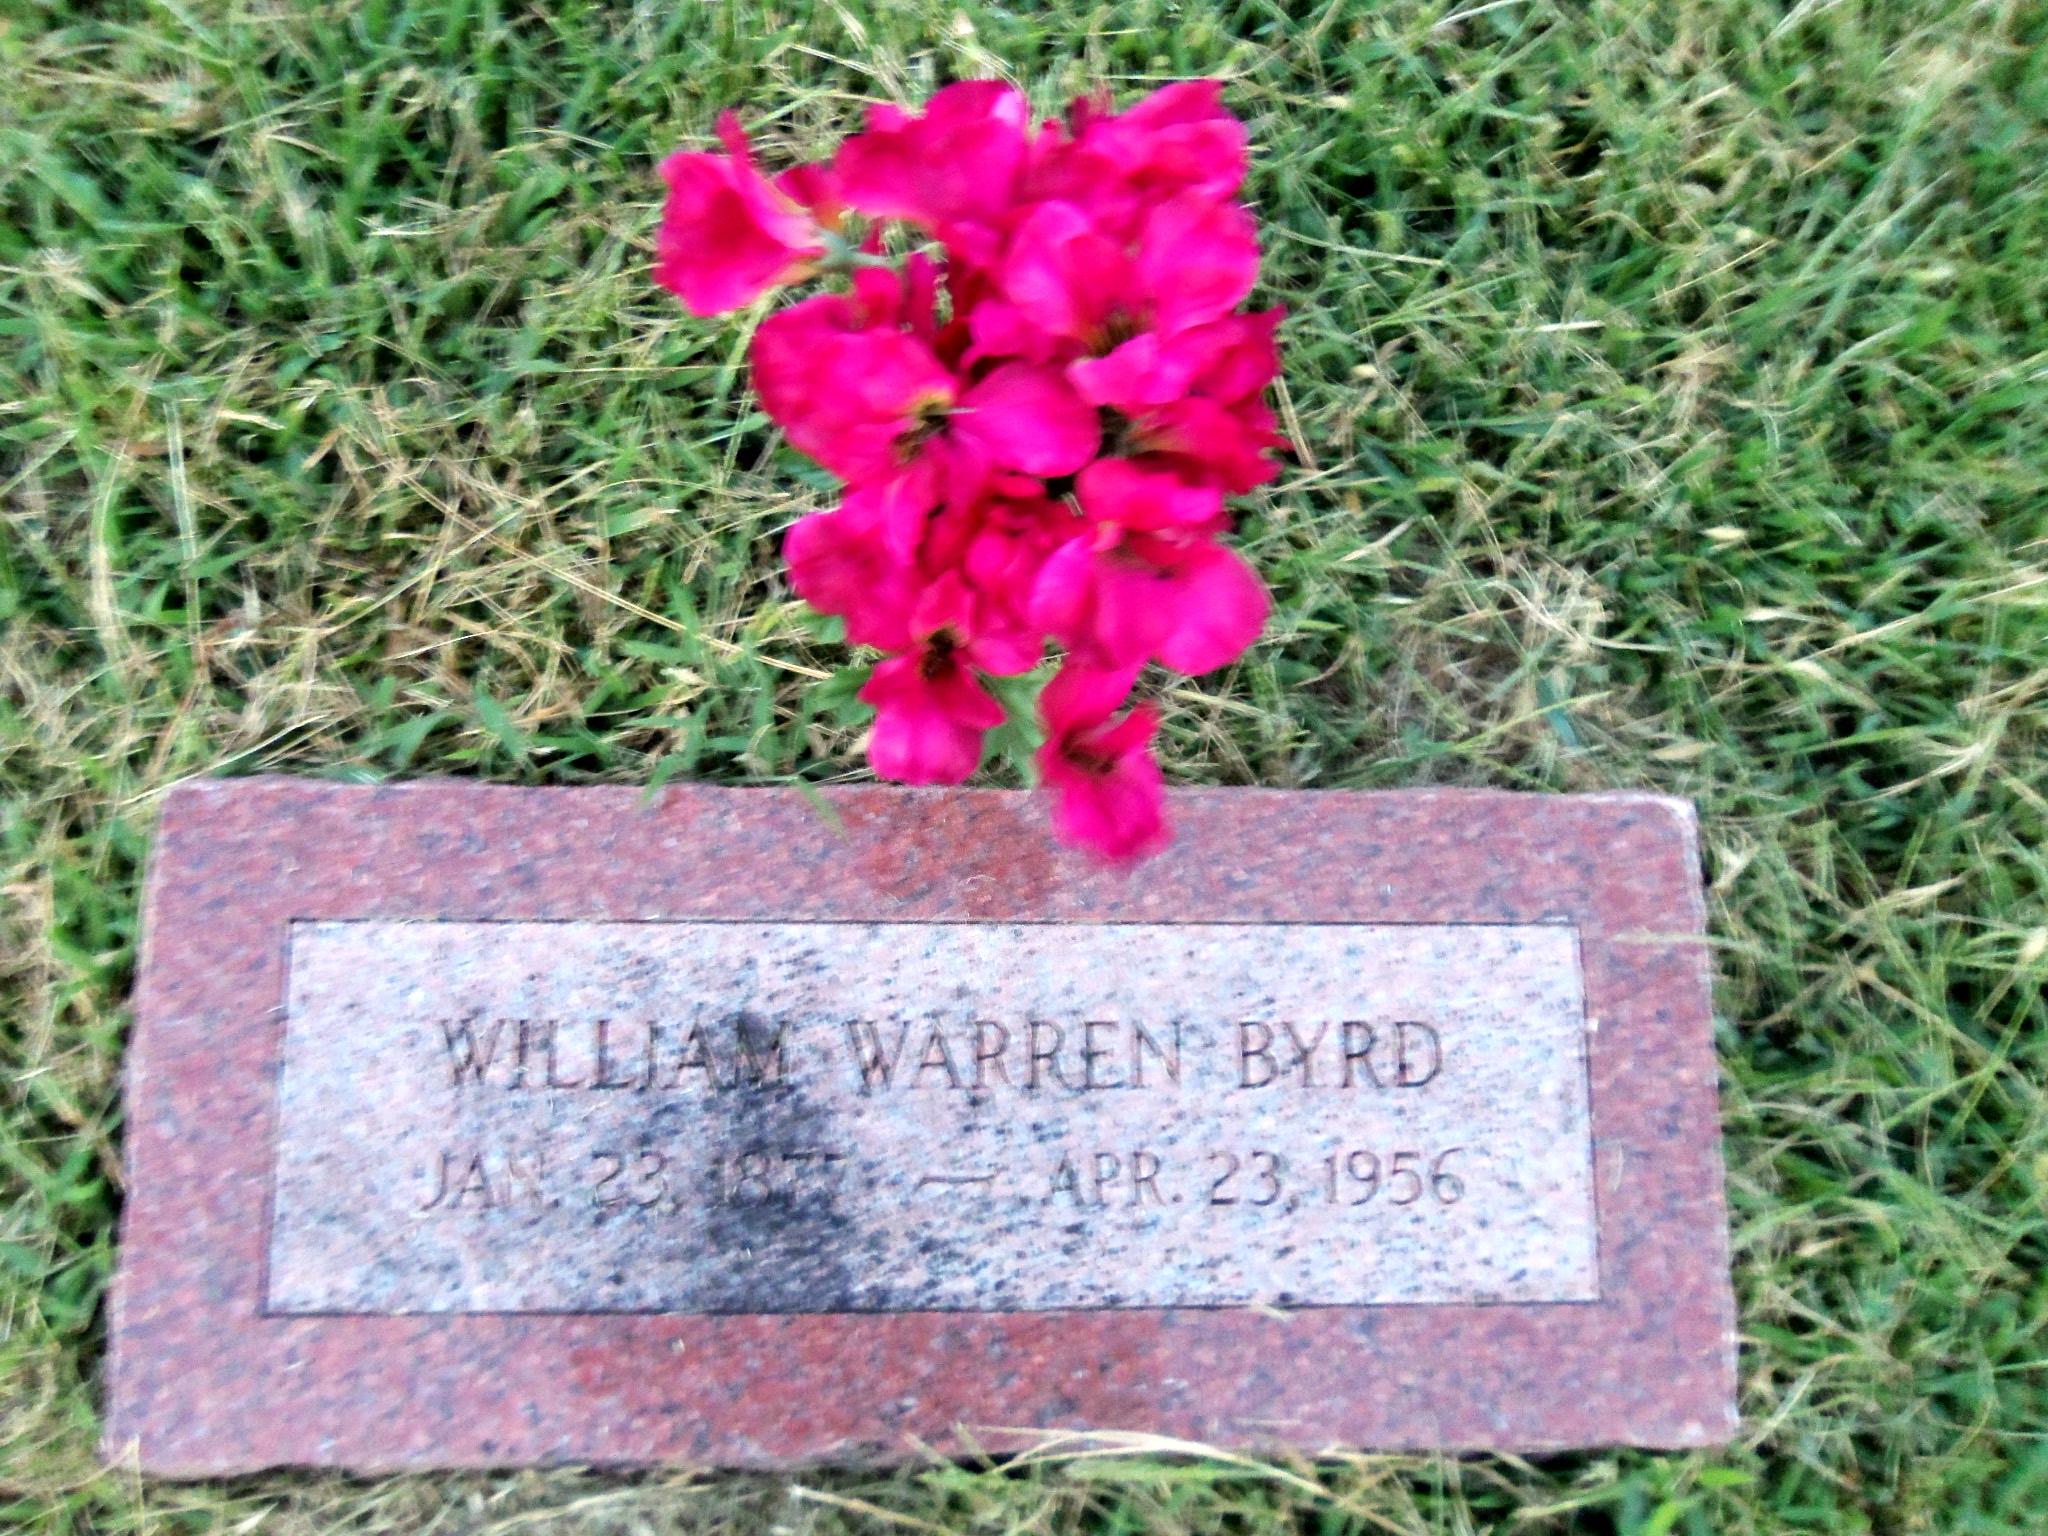 William Warren Byrd